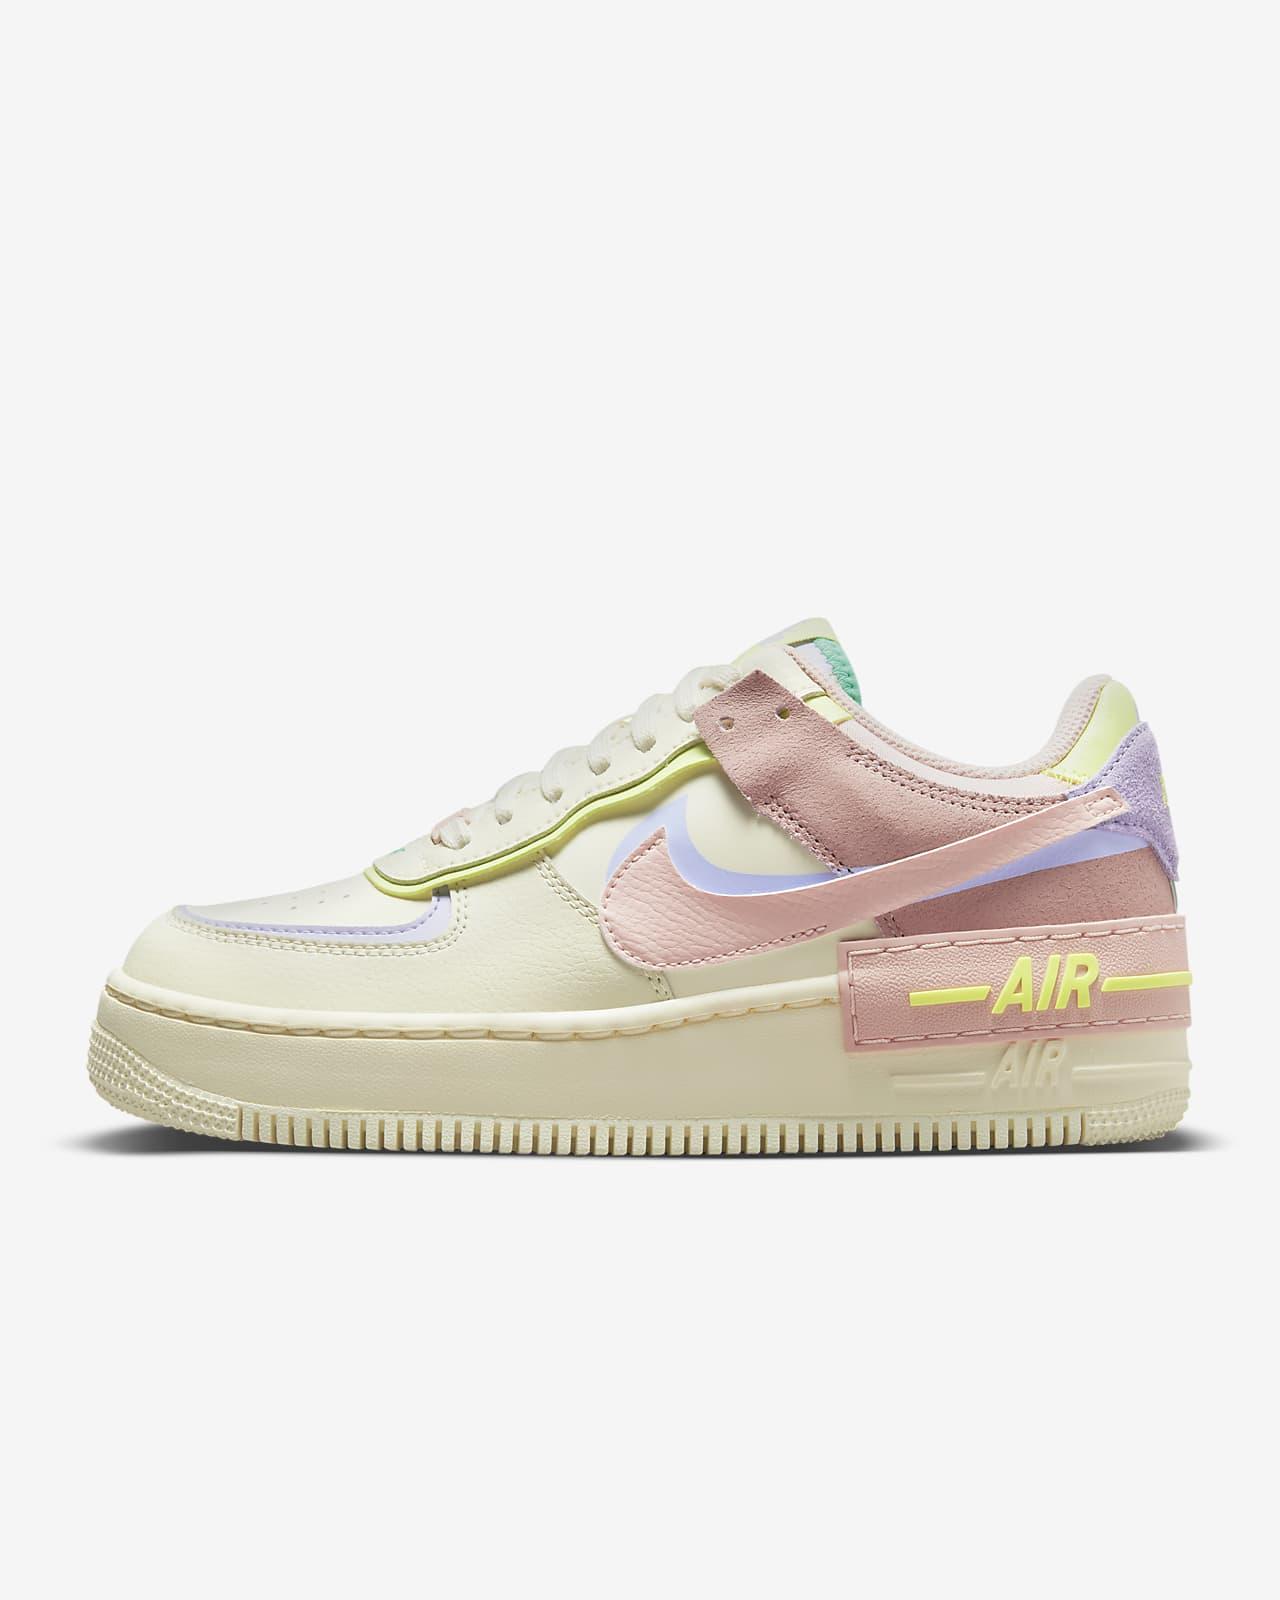 Nike Air Force 1 Shadow Women's Shoes. Nike LU